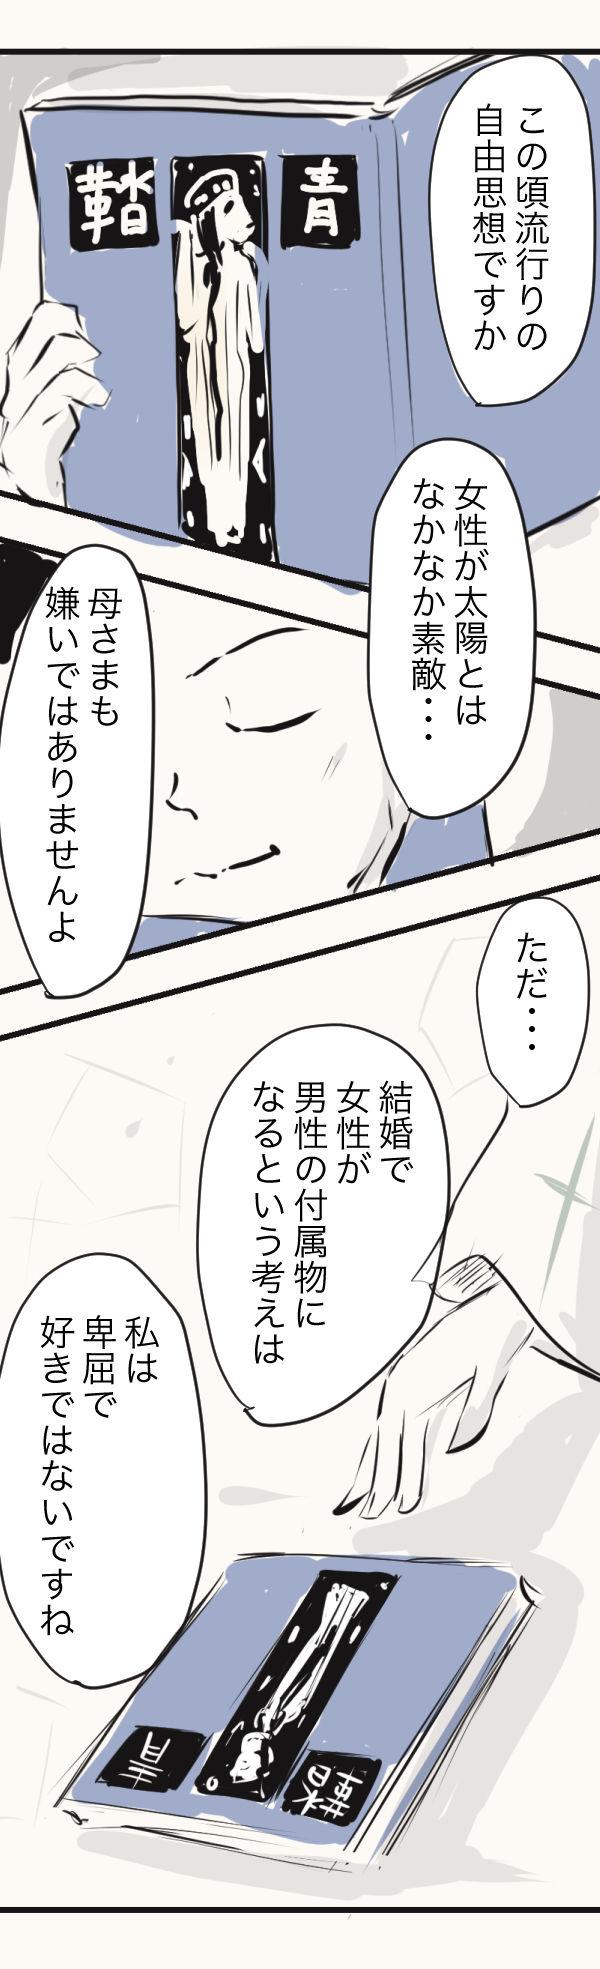 金沢5−1−4